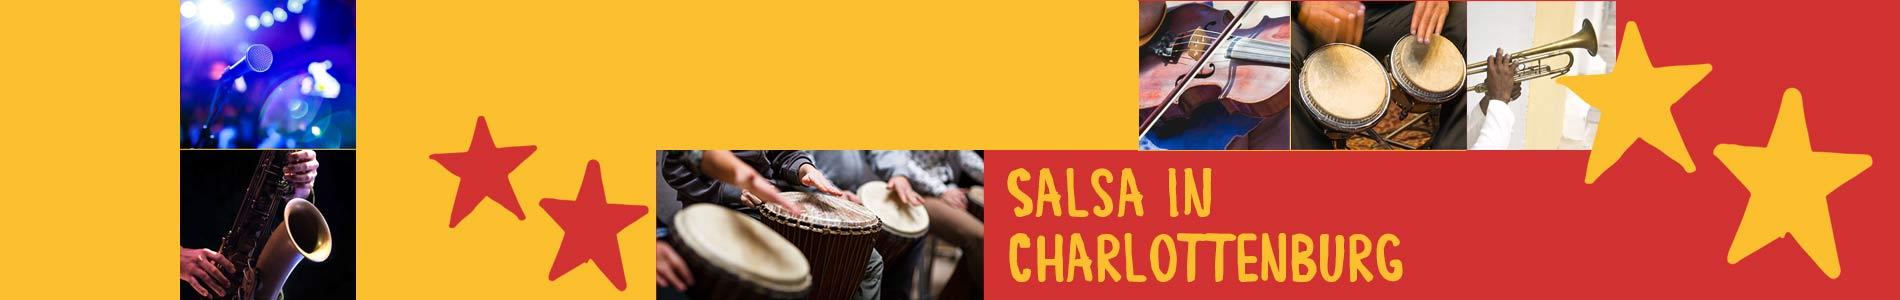 Salsa in Charlottenburg – Salsa lernen und tanzen, Tanzkurse, Partys, Veranstaltungen